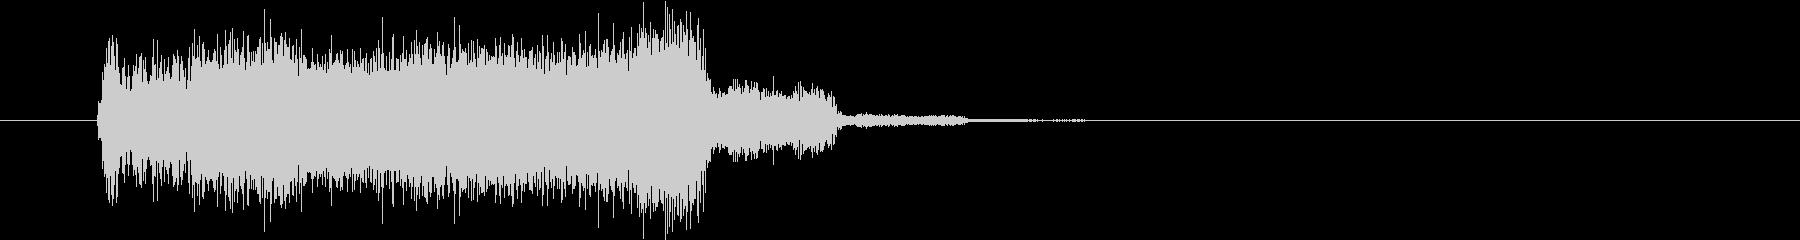 タイトルロゴ|デジタル Bの未再生の波形